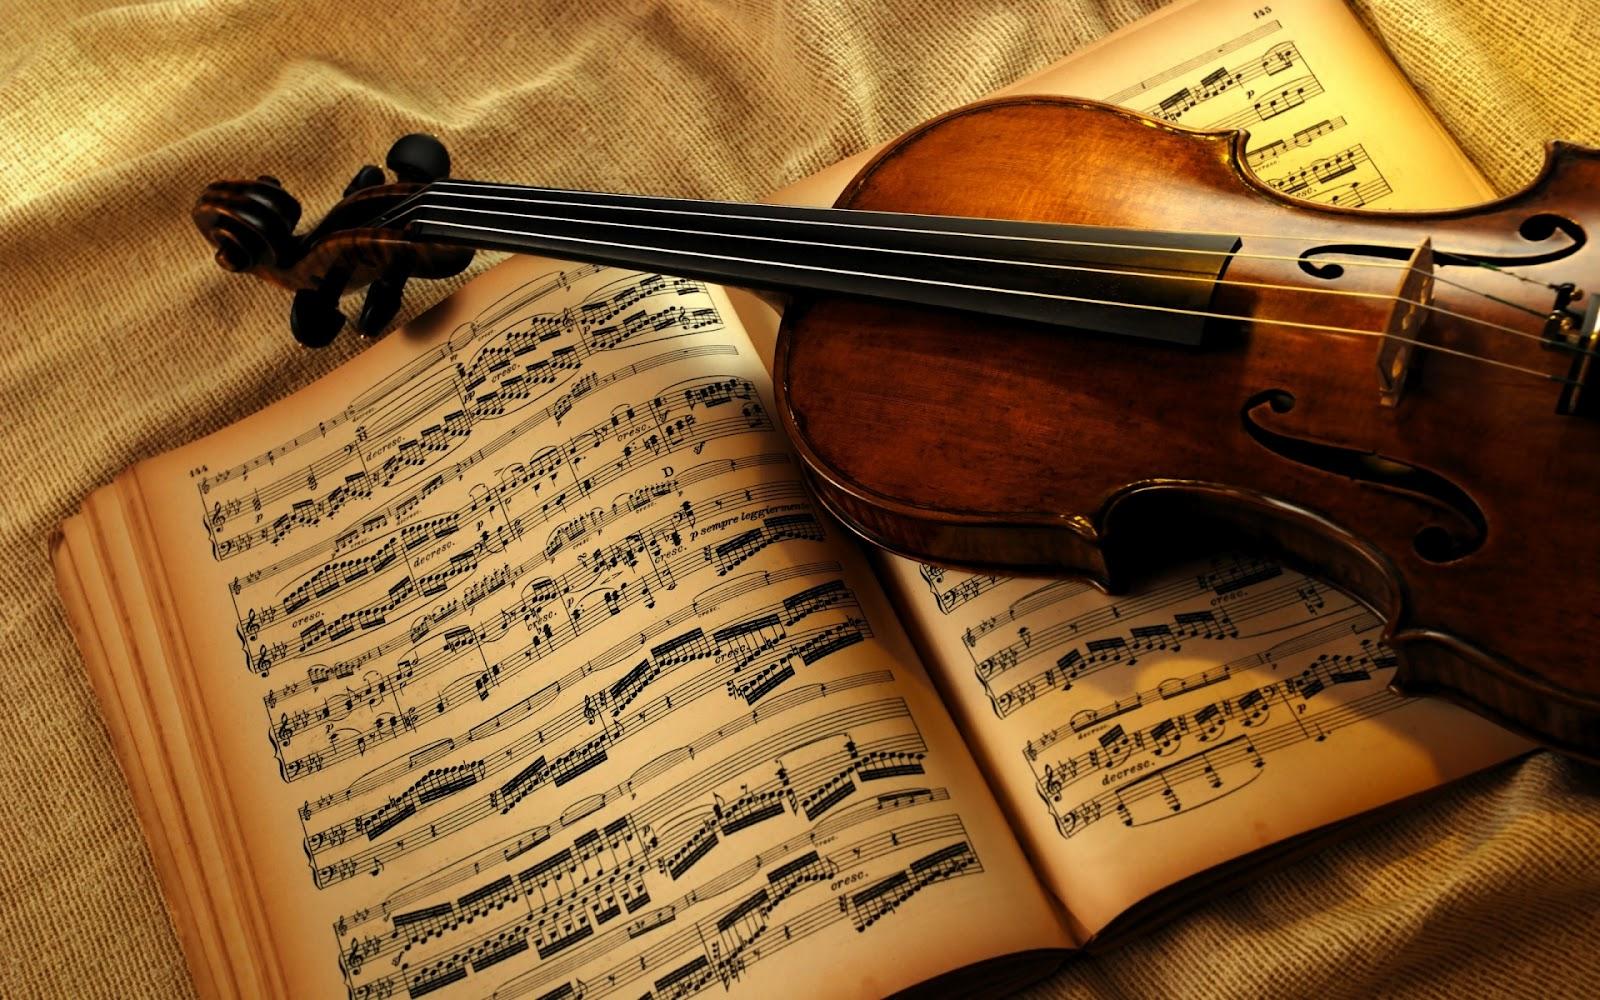 http://3.bp.blogspot.com/-dM8NQ0j1LDA/T0eWuSqACbI/AAAAAAAADzQ/LiMJY_zaltI/s1600/Violin+HD+Wallpaper.jpg